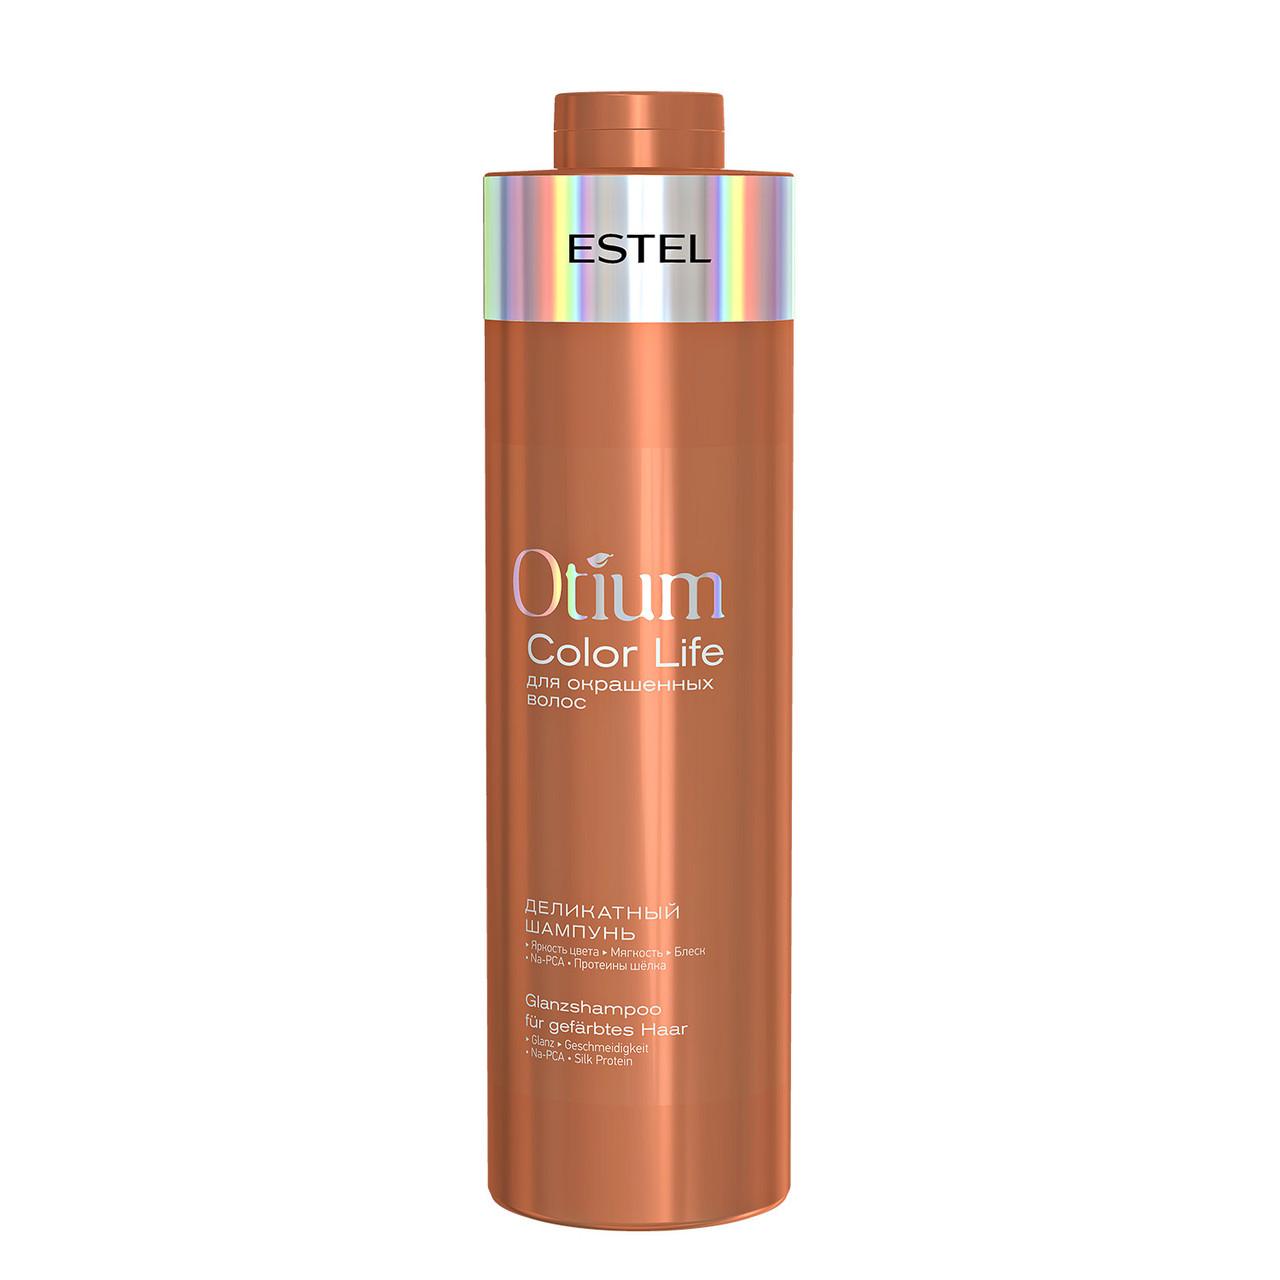 Шампунь для окрашенных волос OTIUM COLOR LIFE, 1000 мл